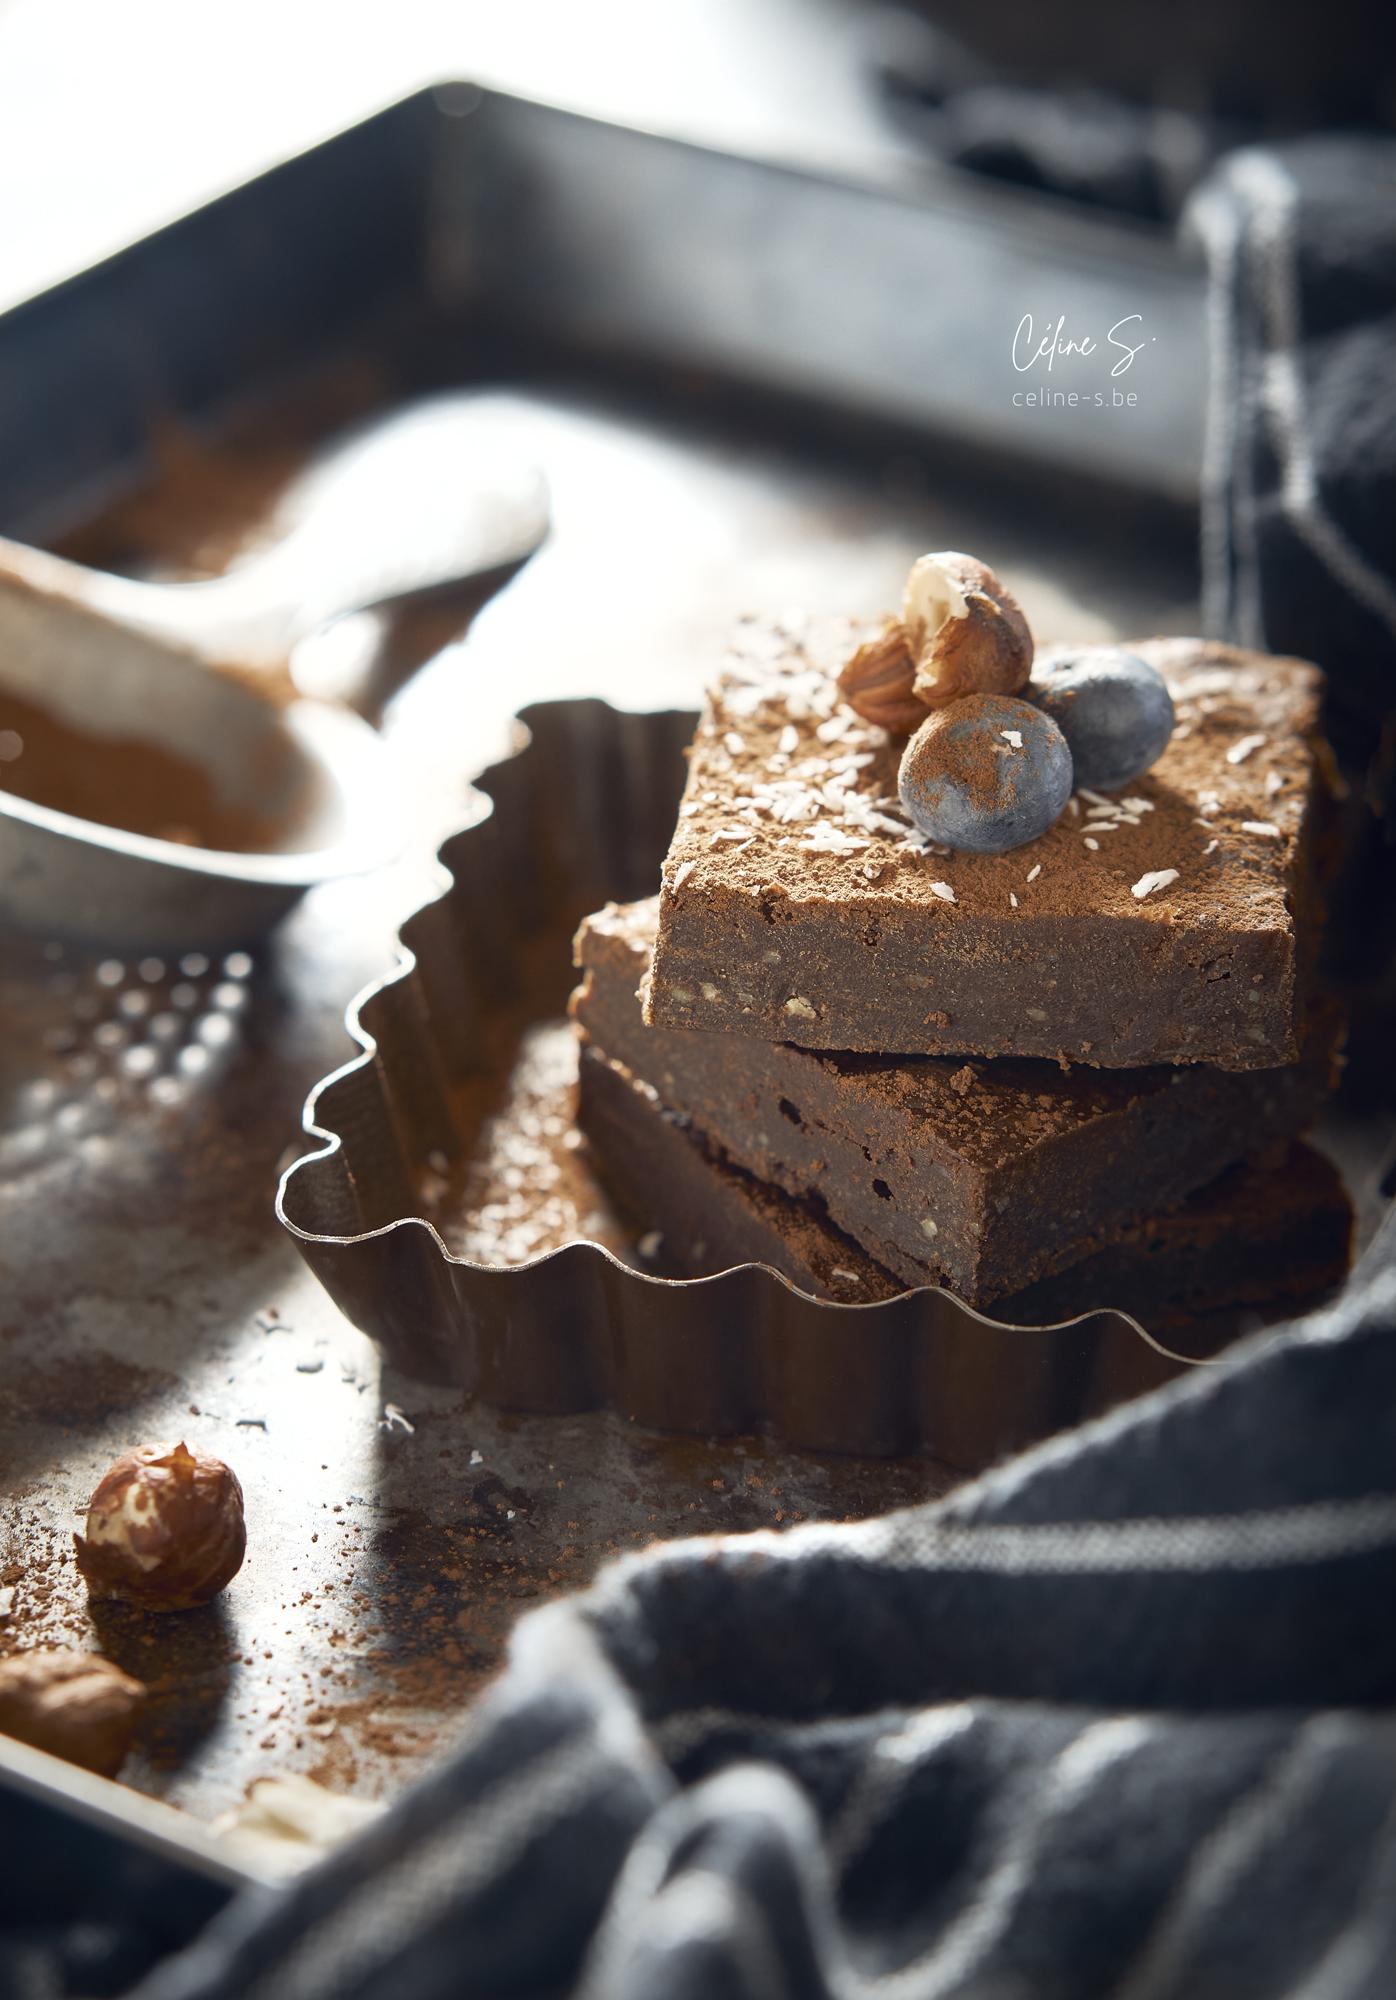 Céline Stiévenard - food photo - photographe et styliste culinaire - photo de gateau brownie au chocolat à la courgette - vue face - Liège, Belgique